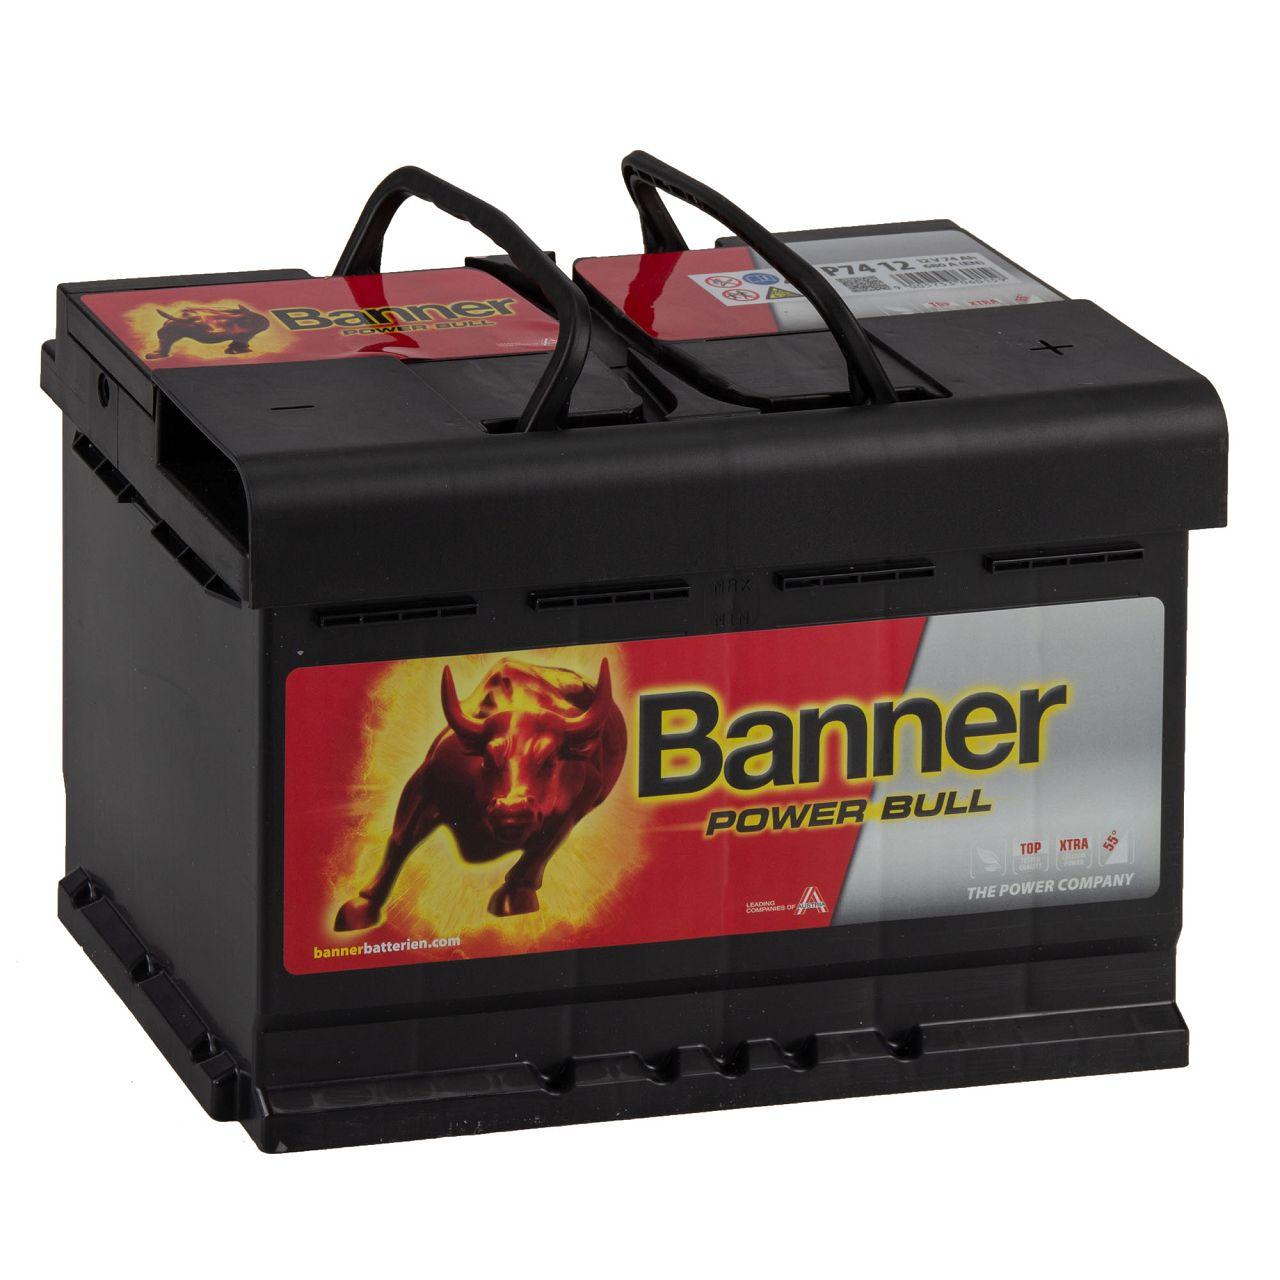 BANNER 57412 P7412 Power Bull Autobatterie Batterie 12V 74Ah 680A